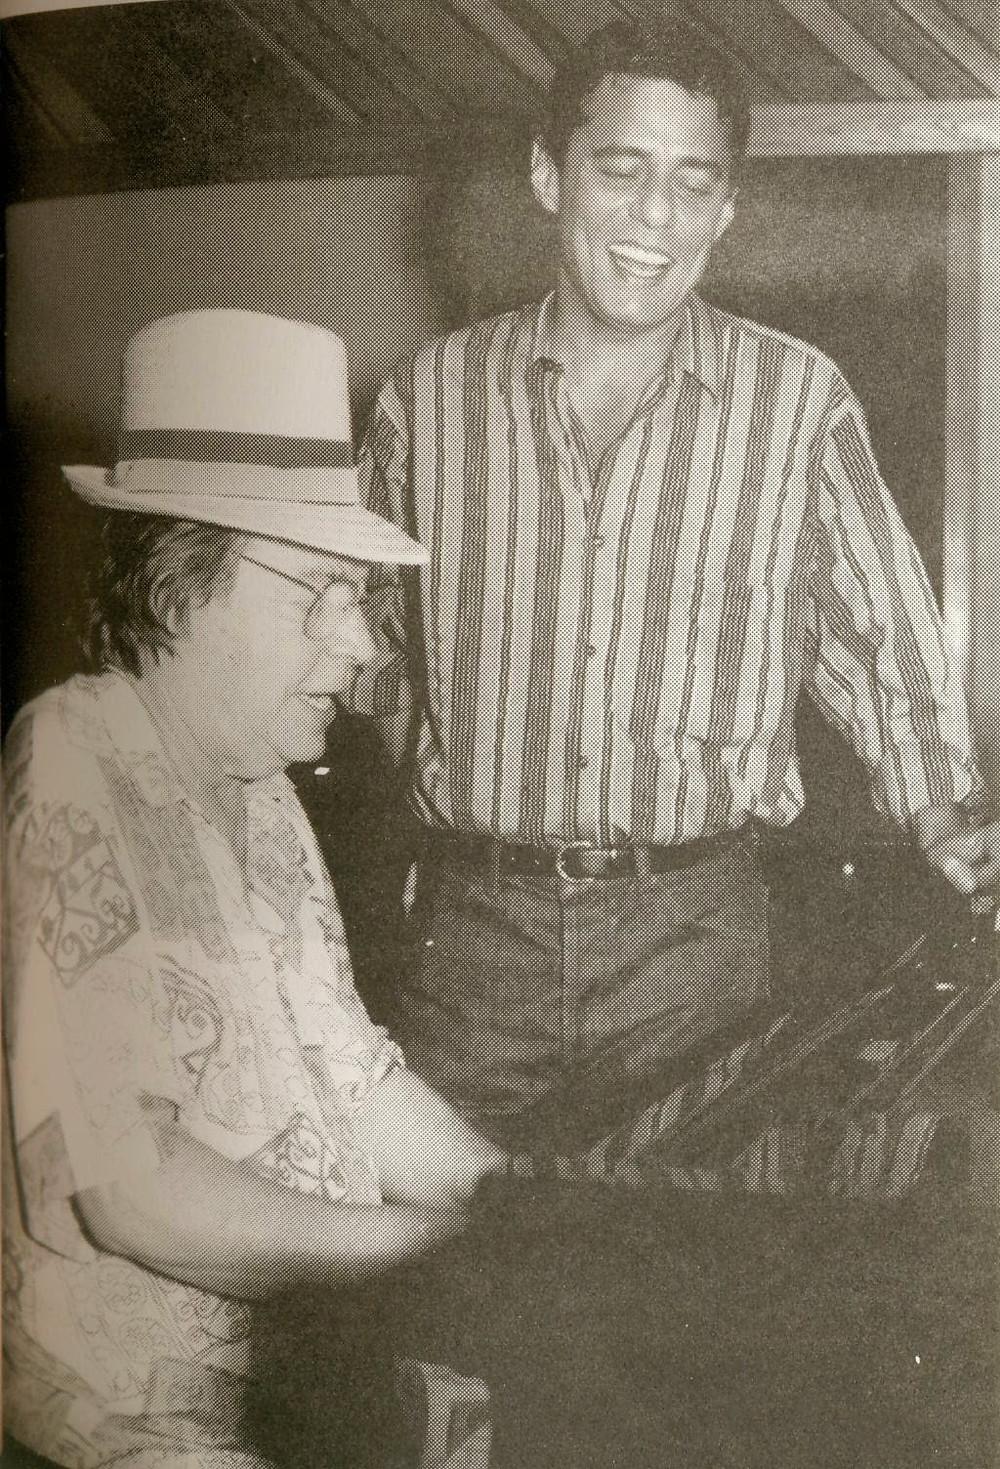 Eu Te Amo - Clássico de Chico Buarque e Tom Jobim completa 40 anos